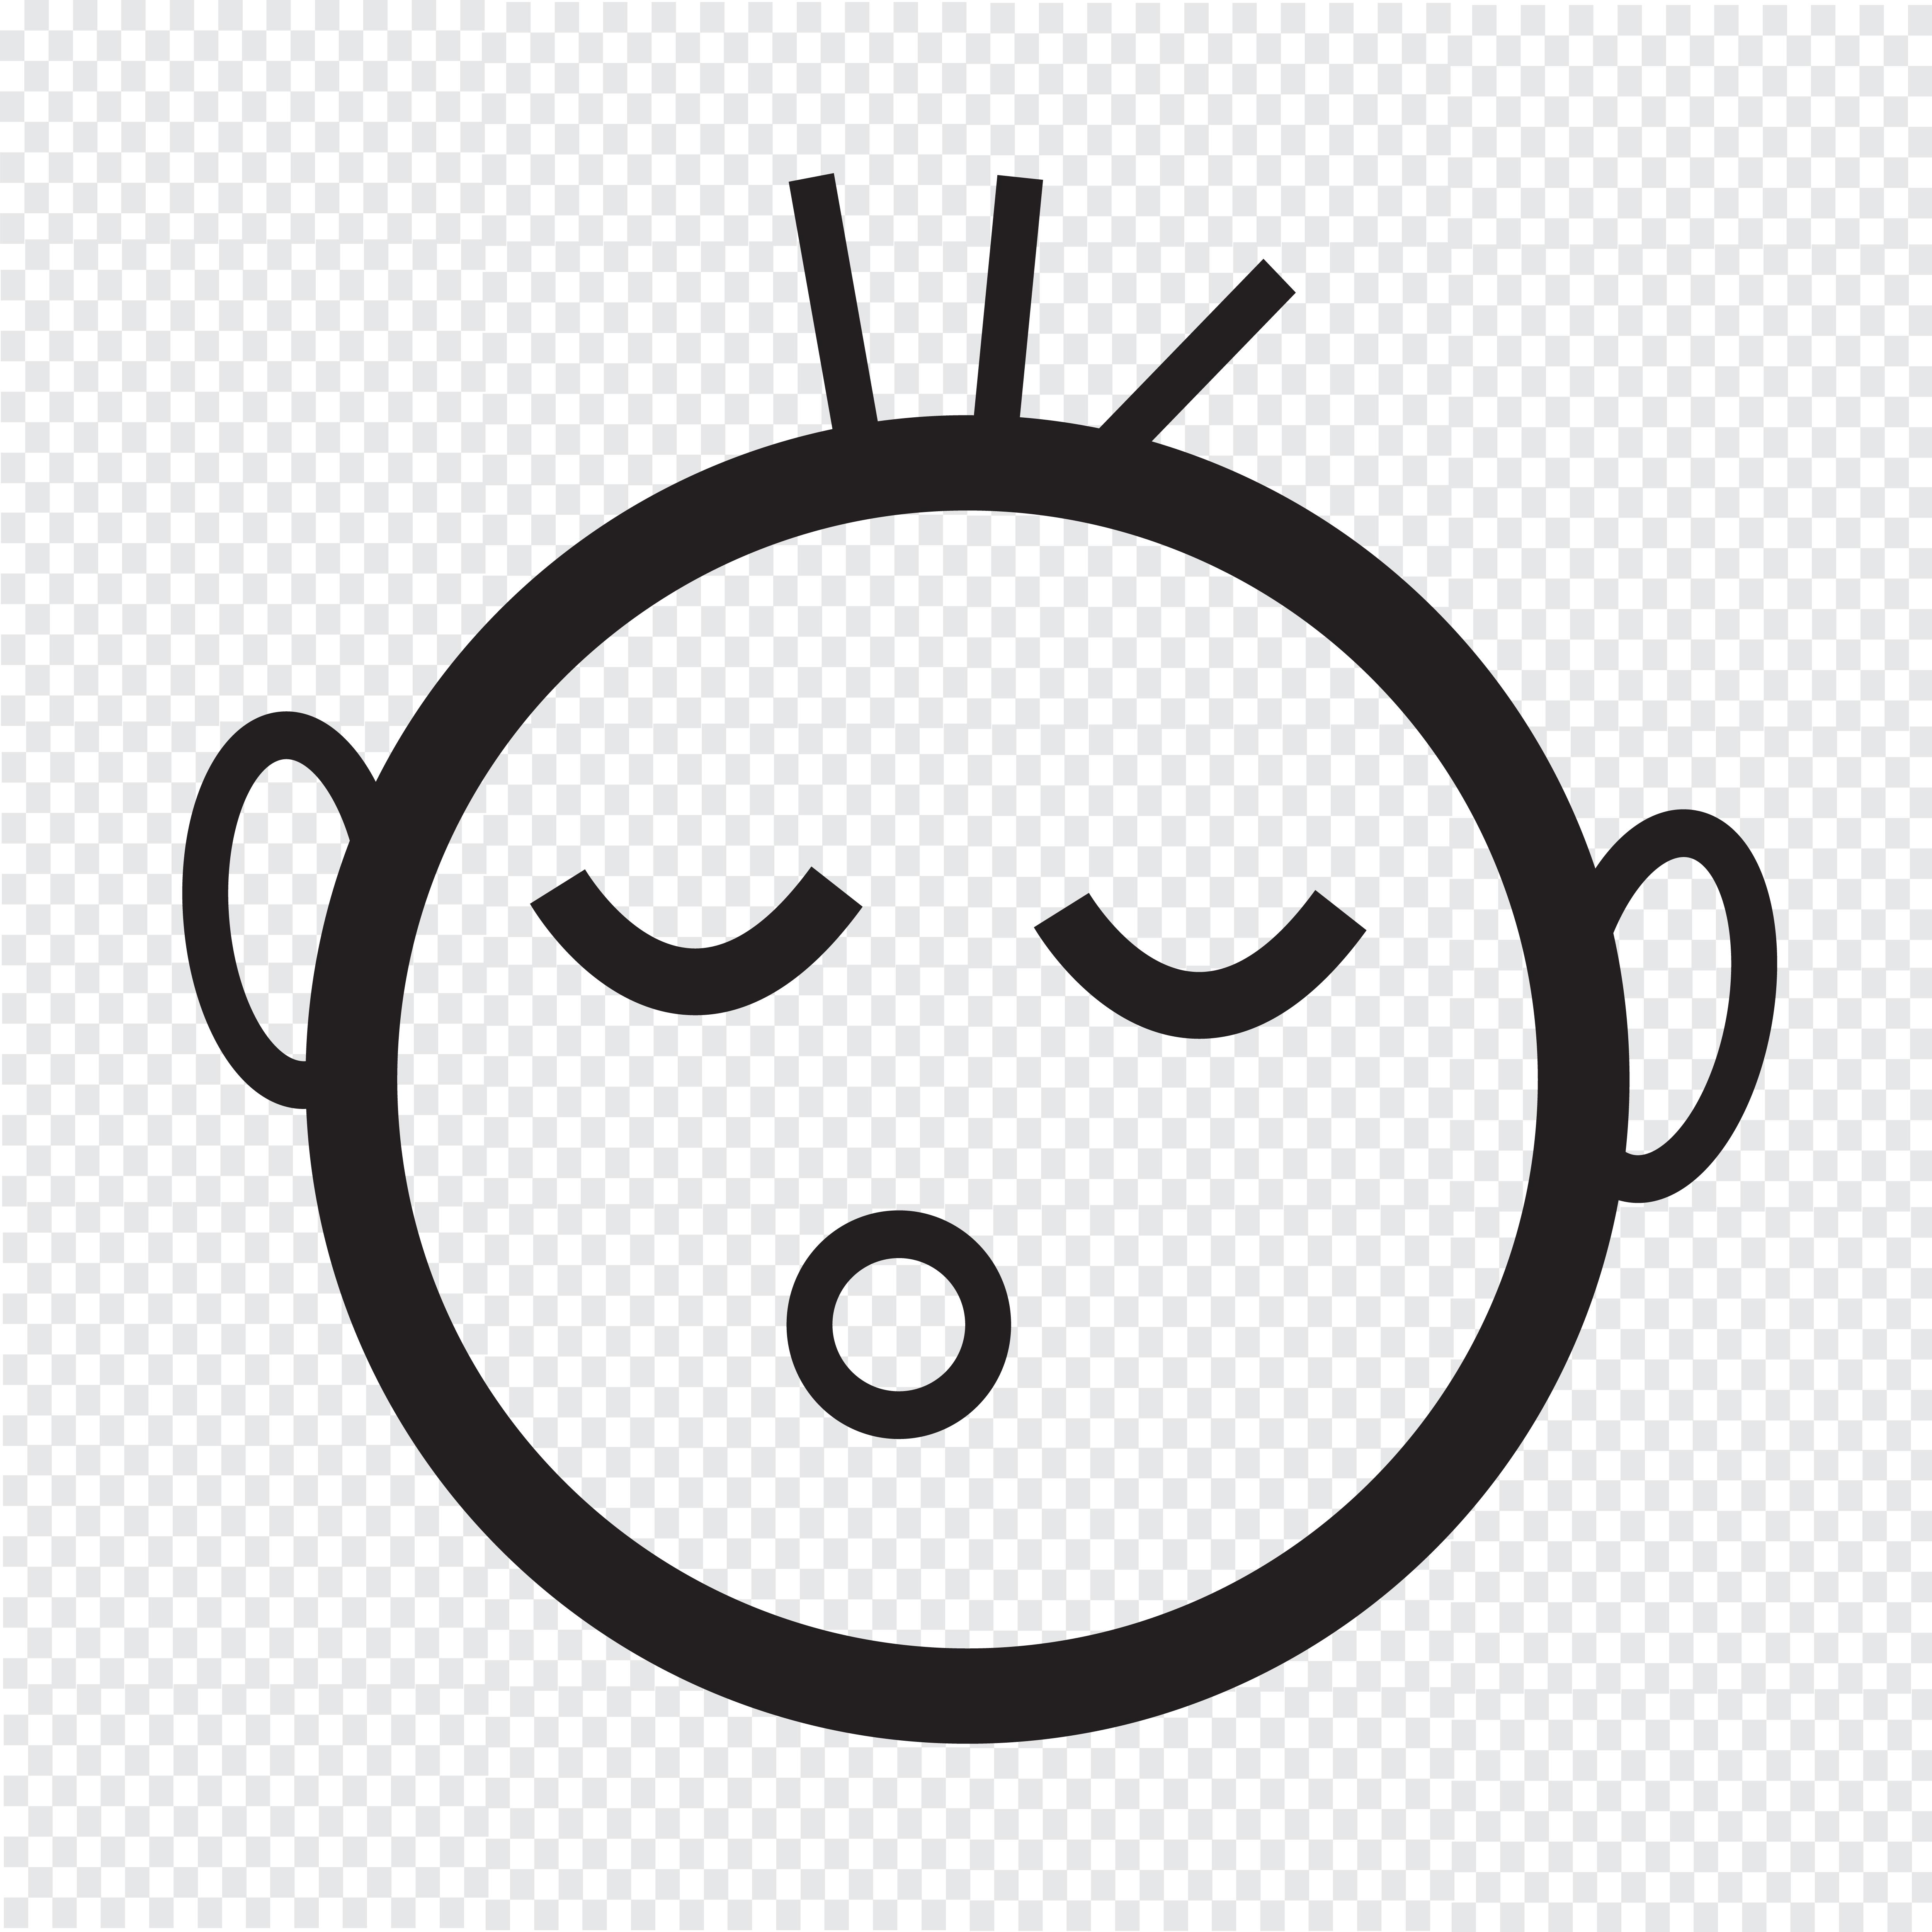 Icone De Bebe Qui Dort Telecharger Vectoriel Gratuit Clipart Graphique Vecteur Dessins Et Pictogramme Gratuit